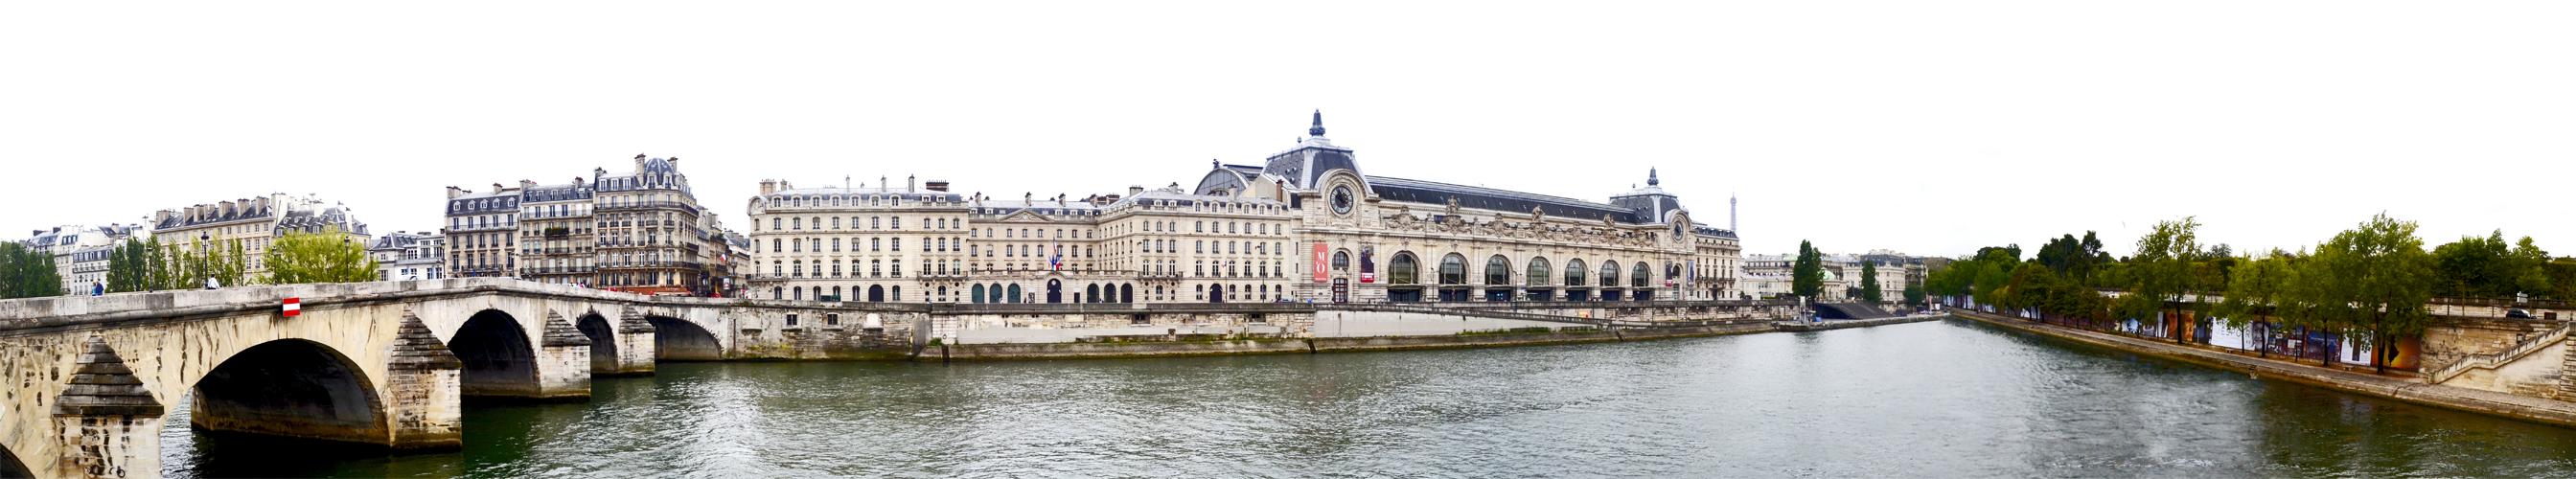 Panorámica puente río Sena Musée d'Orsay París